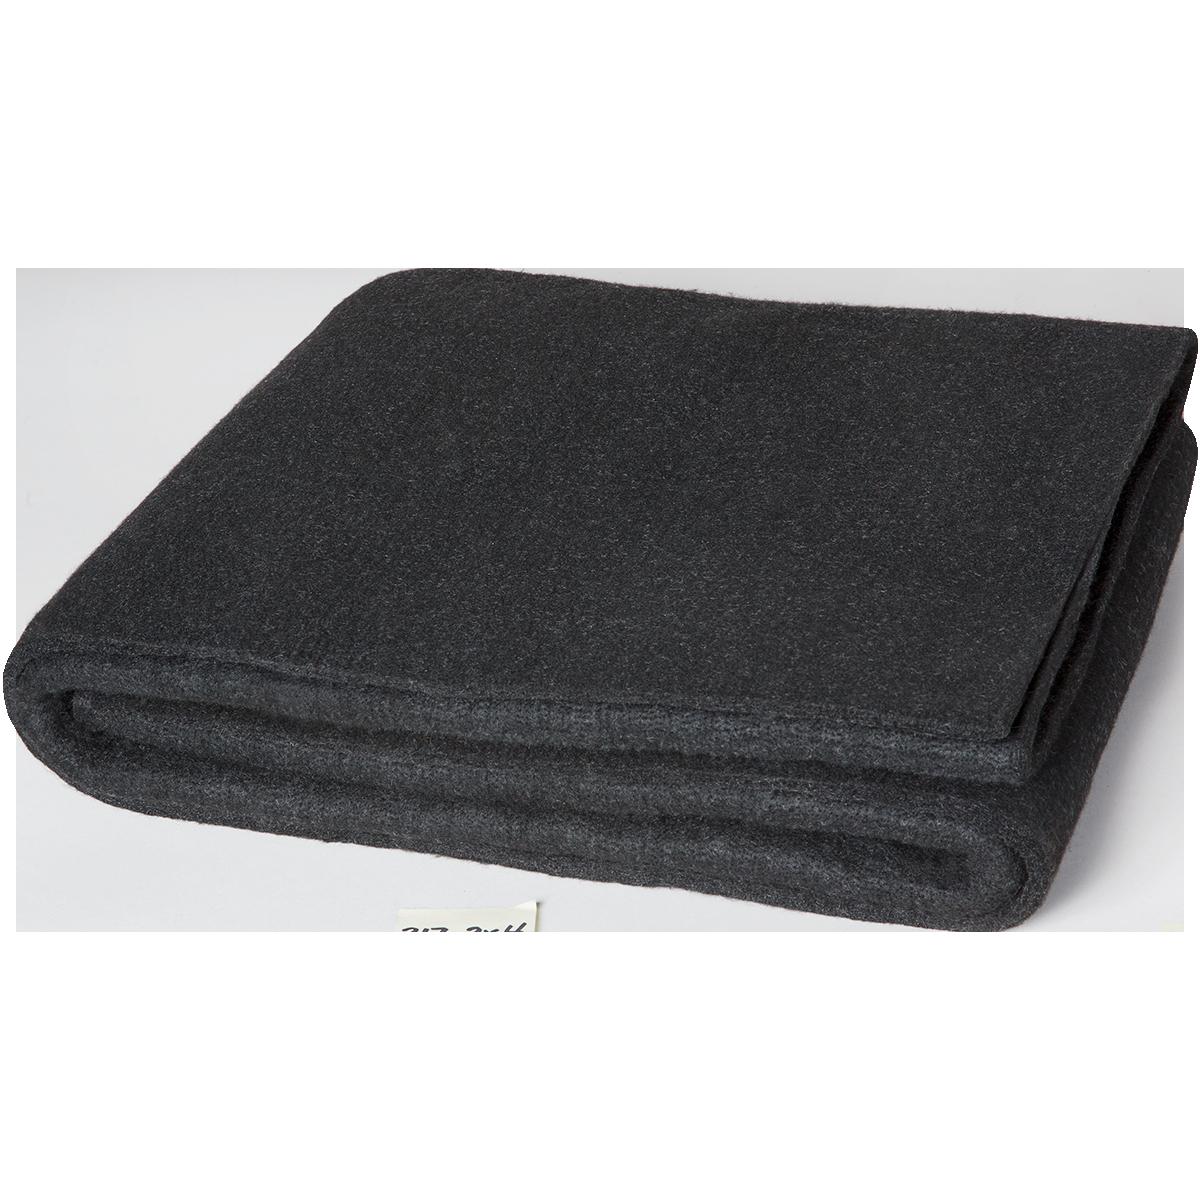 blackflex™   oz black heavy acrylic coated fiberglass welding  - steiner velvet shield carbon fiber welding blanket roll